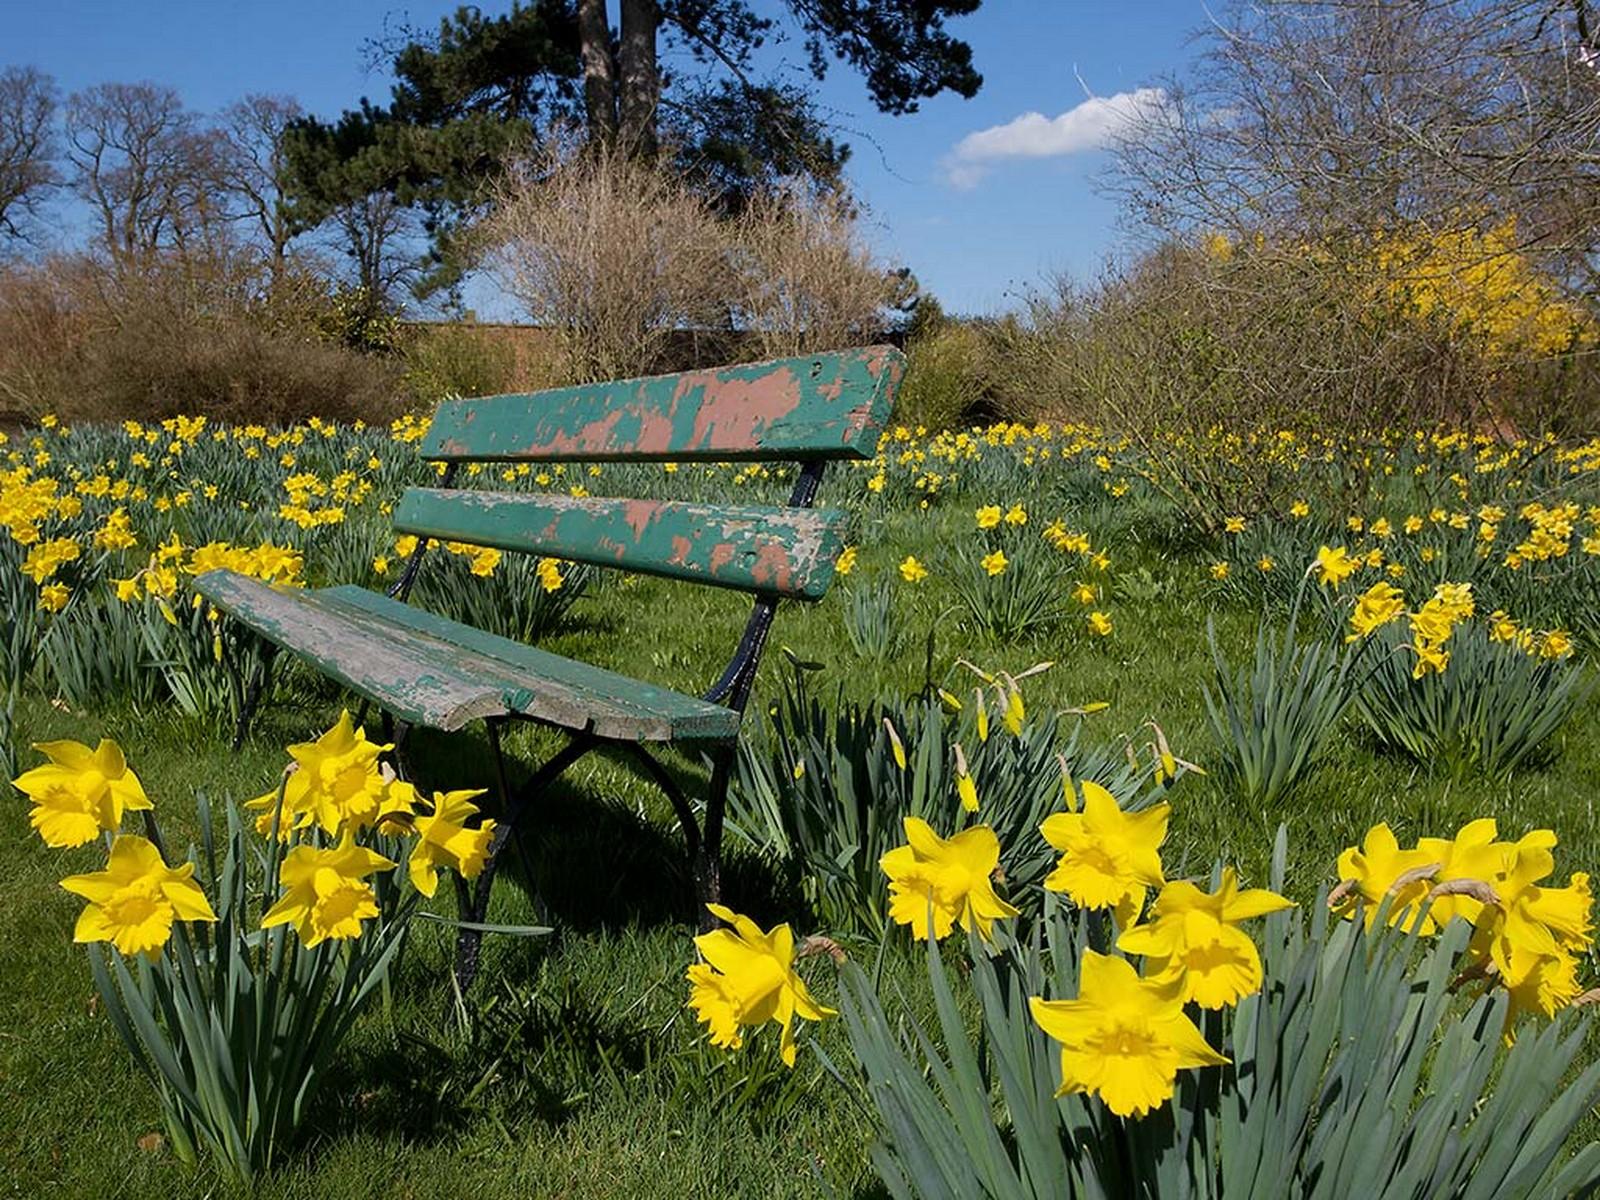 http://3.bp.blogspot.com/-5F764bgCNc8/T2MfDmaxZEI/AAAAAAAAAJw/VZEyLrIhMug/s1600/Tulips+Garden+Spring+Wallpaper.jpg